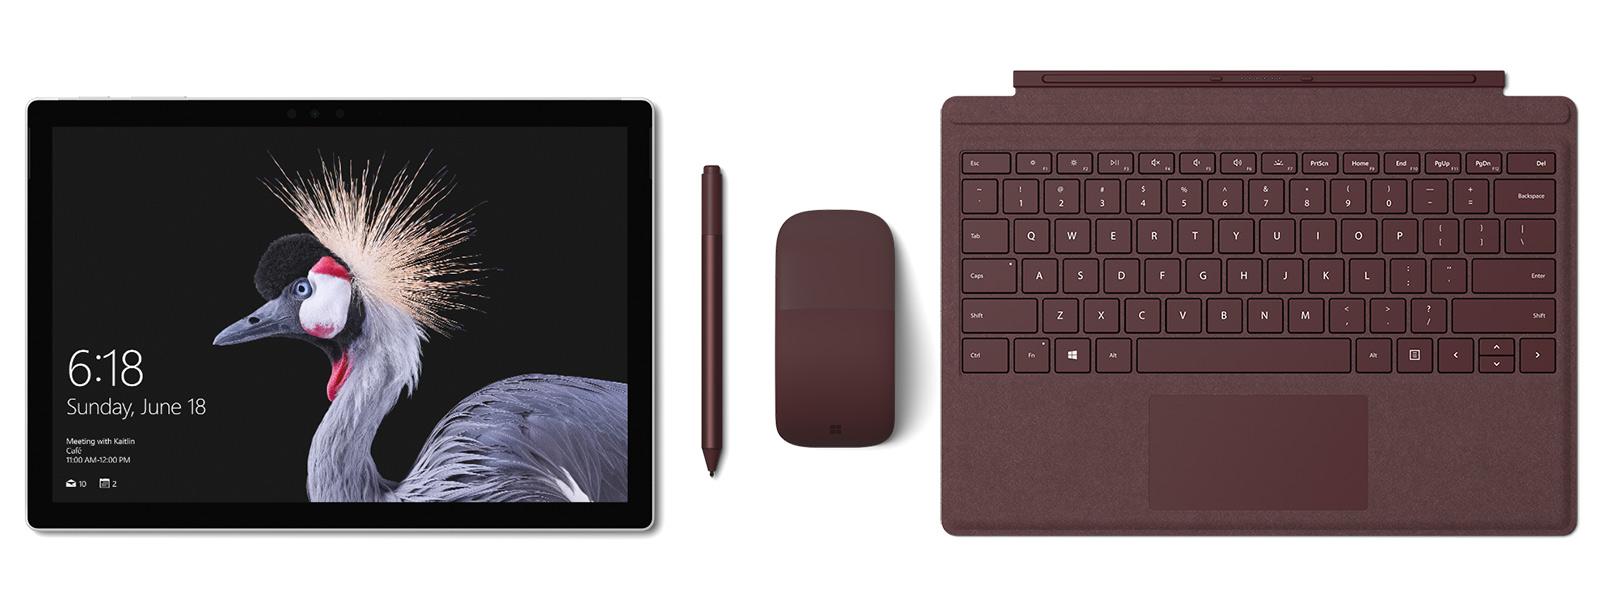 Kuva Surface Prosta, jossa on Surface Pro Signature Type Cover -suoja, Surface-kynä ja viininpunainen Surface Arc Mouse. Mukana tulee Surface-kynä.